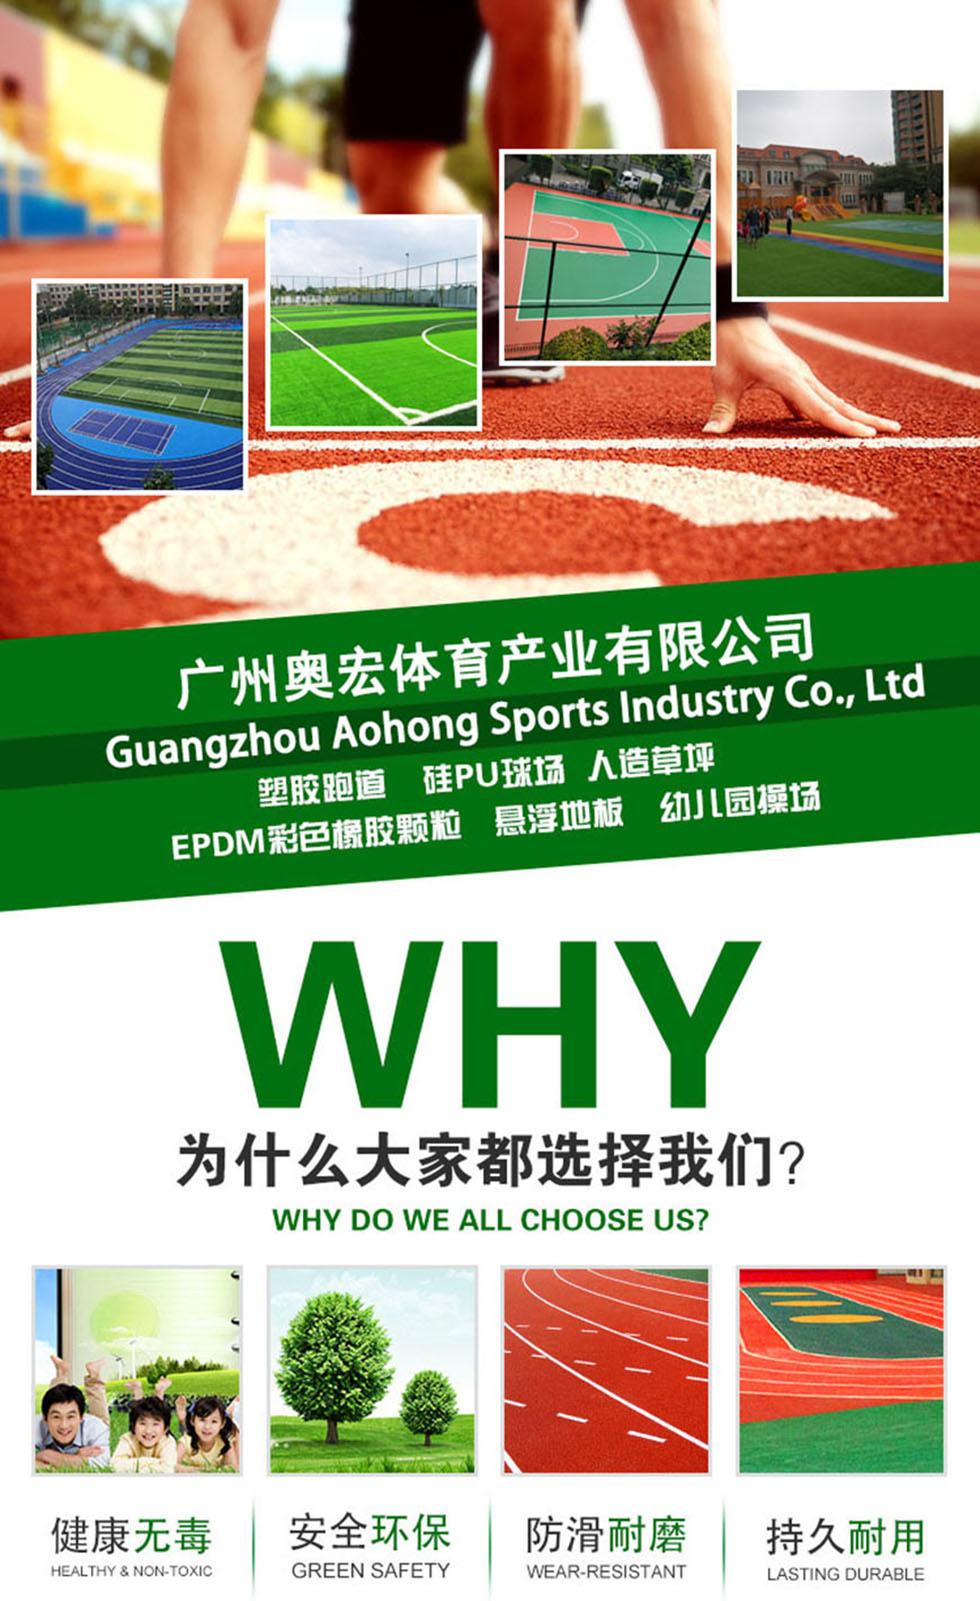 学校塑胶跑道施工方案 广州奥宏体育